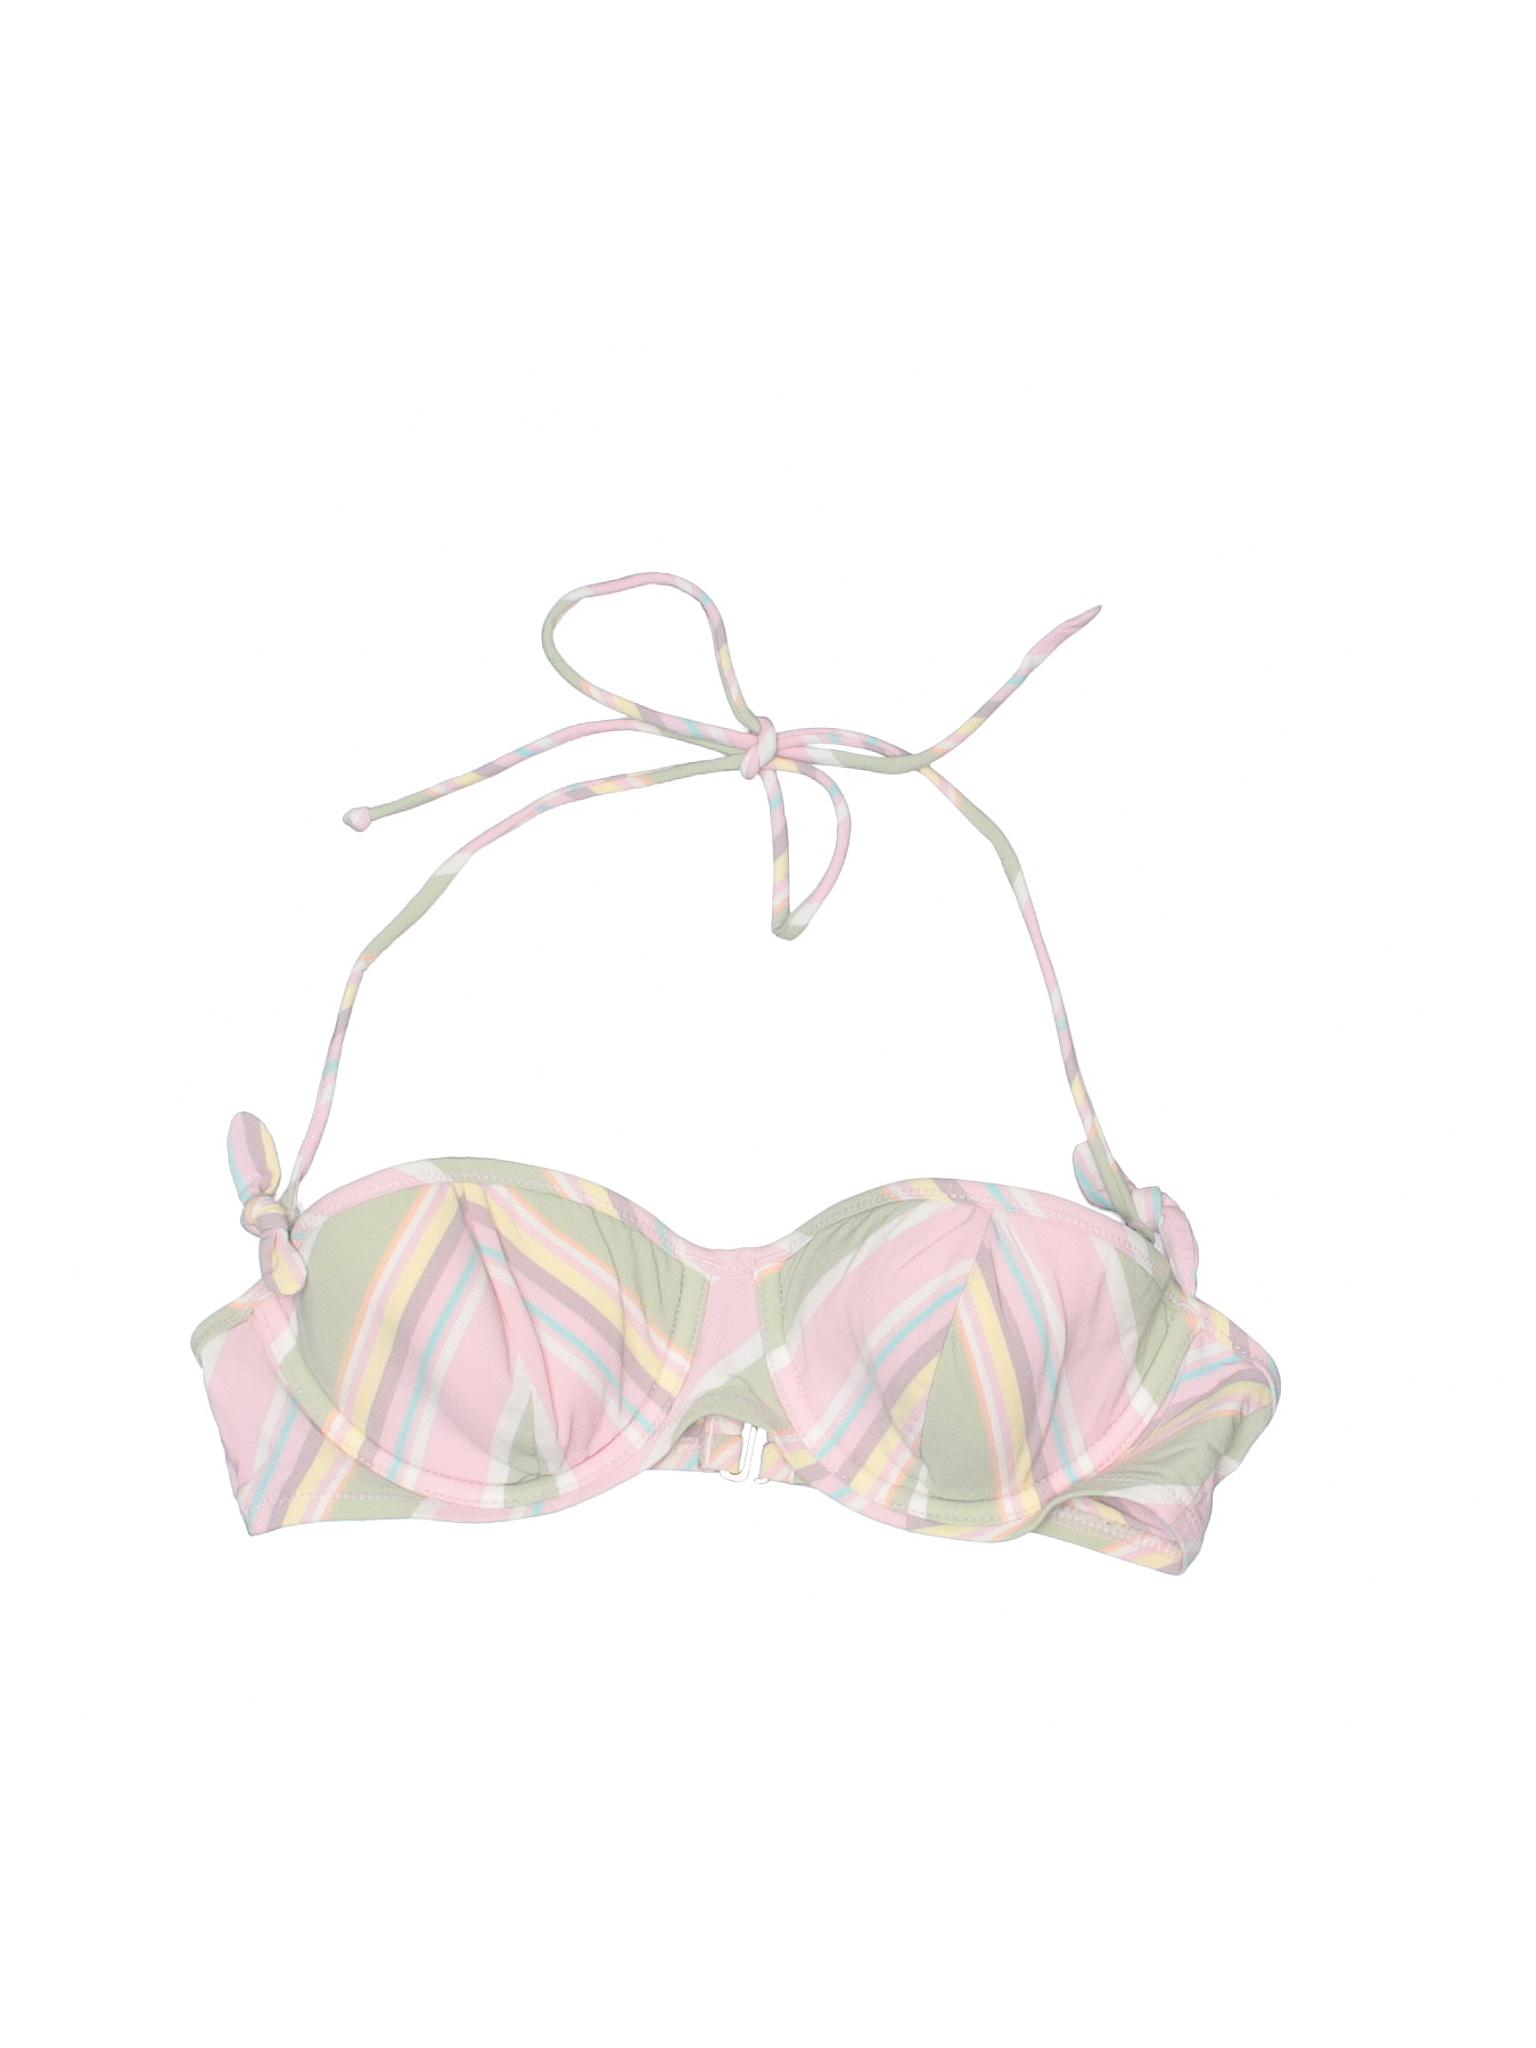 Top Swimsuit Secret Boutique Victoria's Boutique Victoria's Bqnw4pU06x